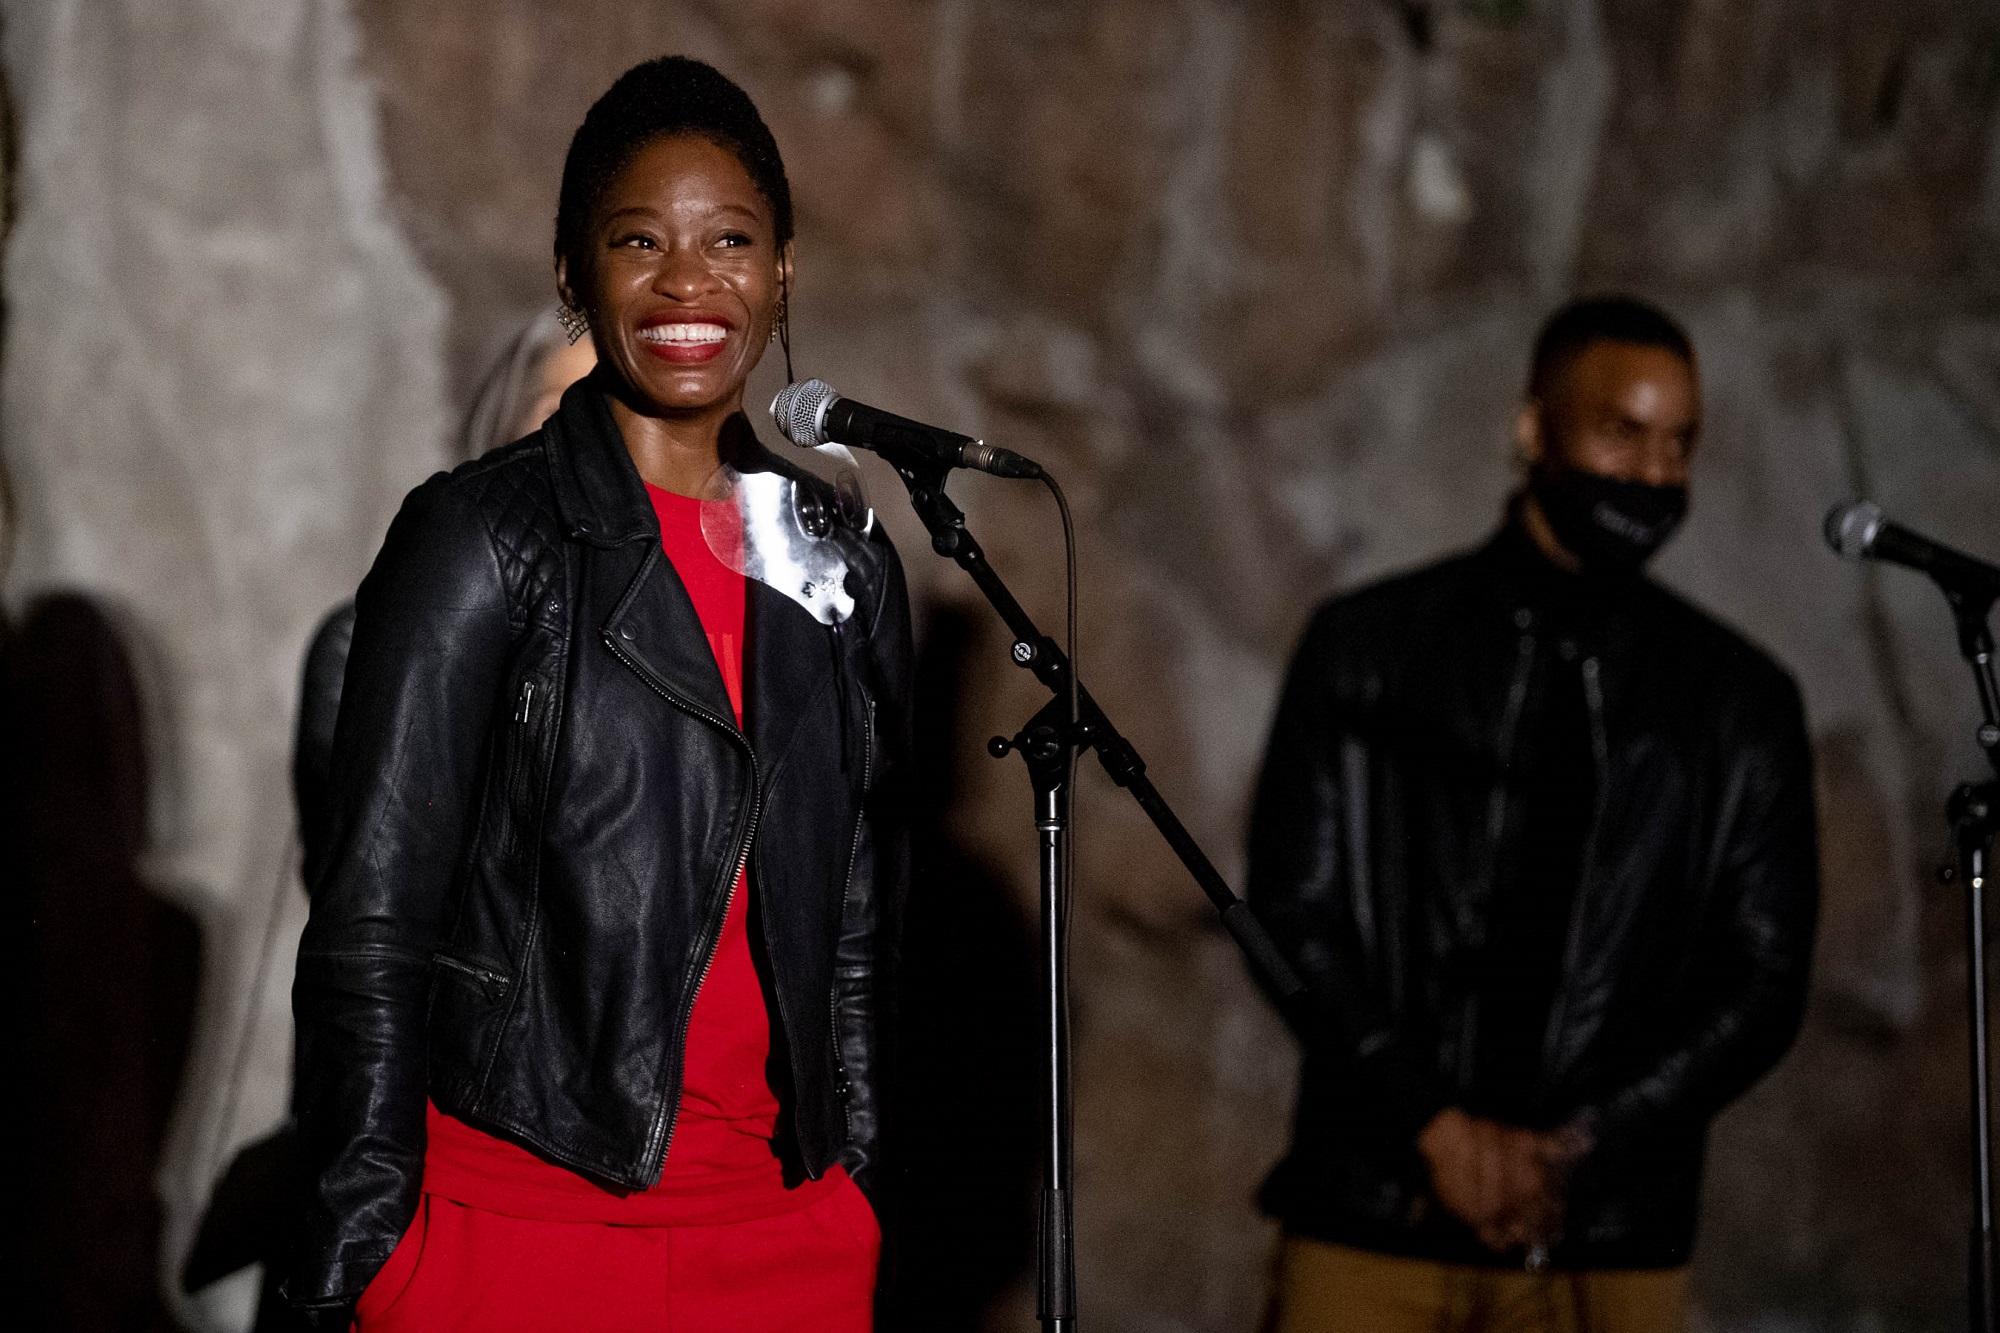 Olunike Adeliyi plays Karal on The Expanse